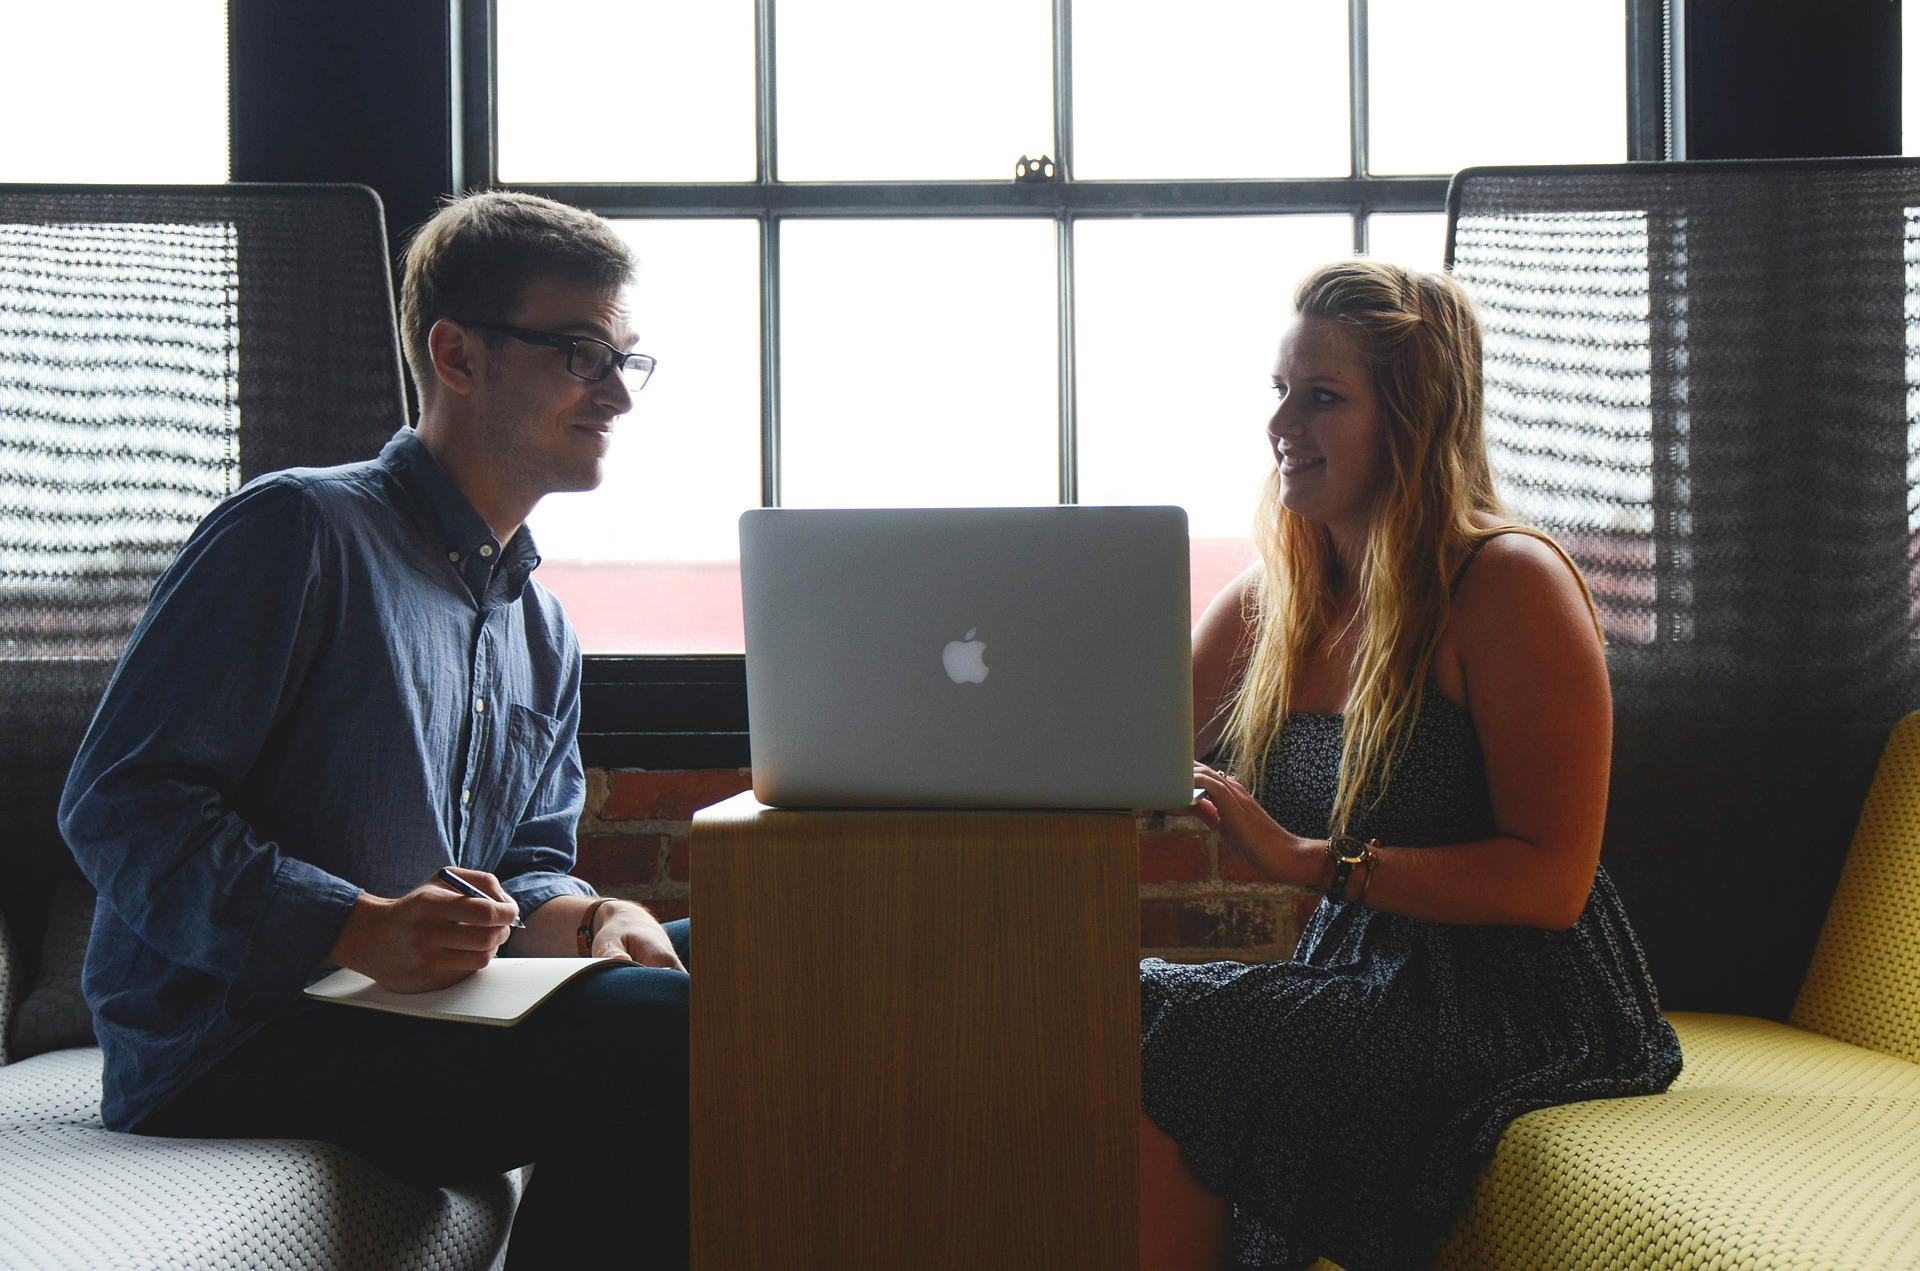 Existenzgründer aufgepasst – Hol dir dein AVGS Coaching mit 100% Kostenübernahme